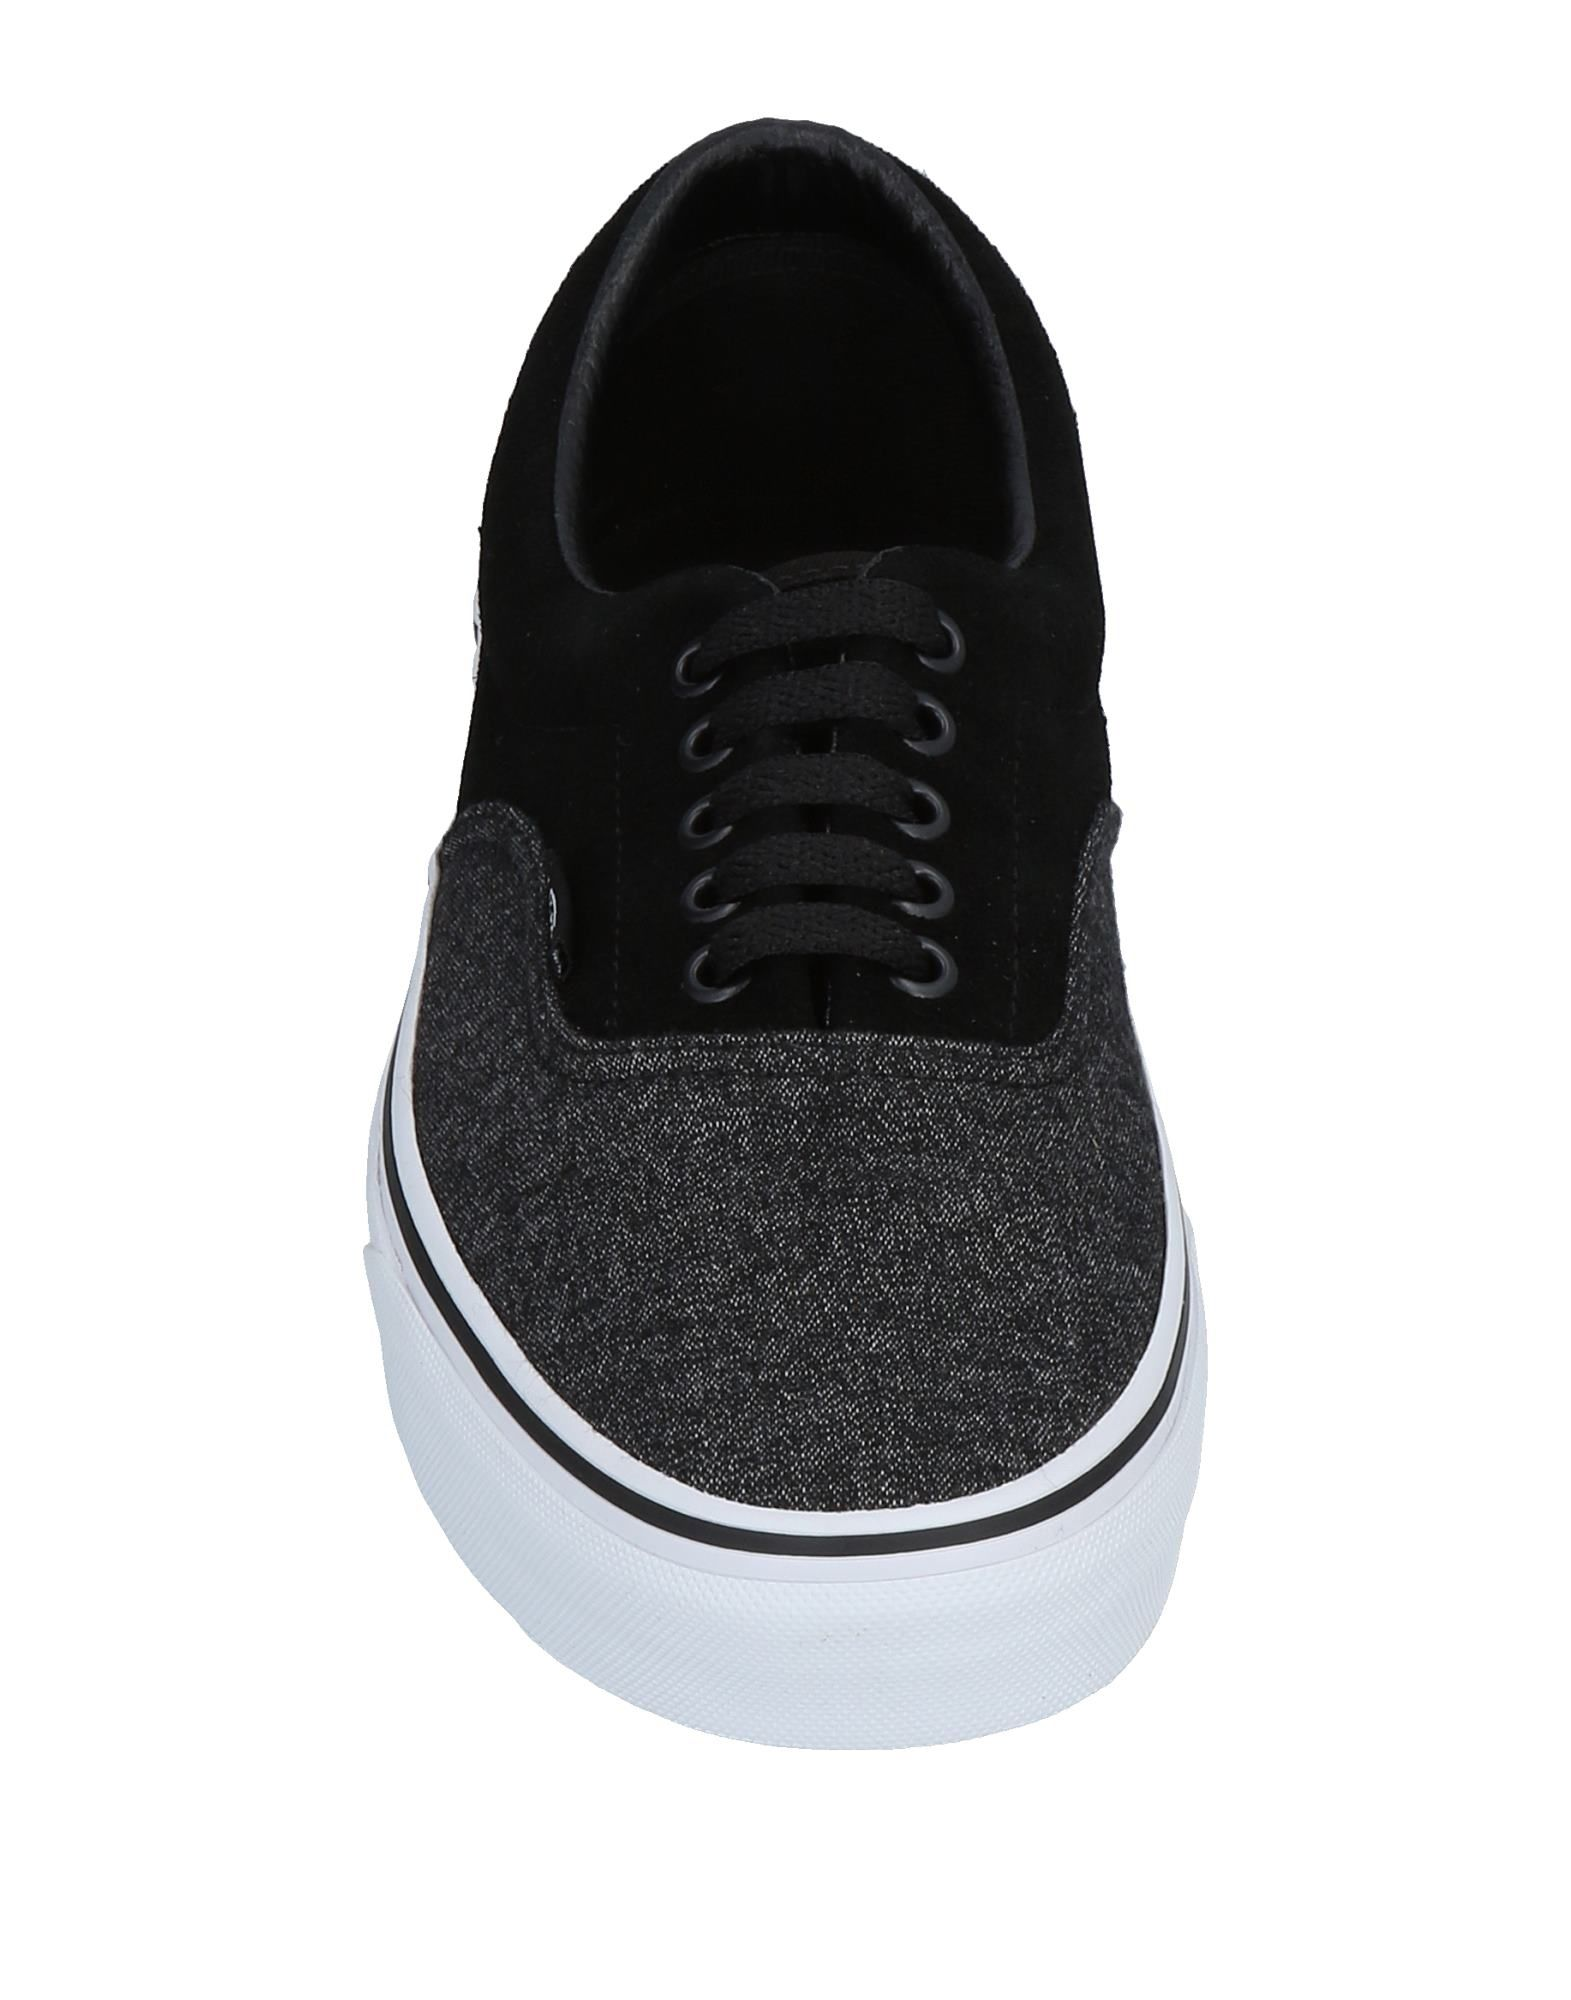 Rabatt echte Schuhe 11476260UH Vans Sneakers Herren  11476260UH Schuhe 0effce